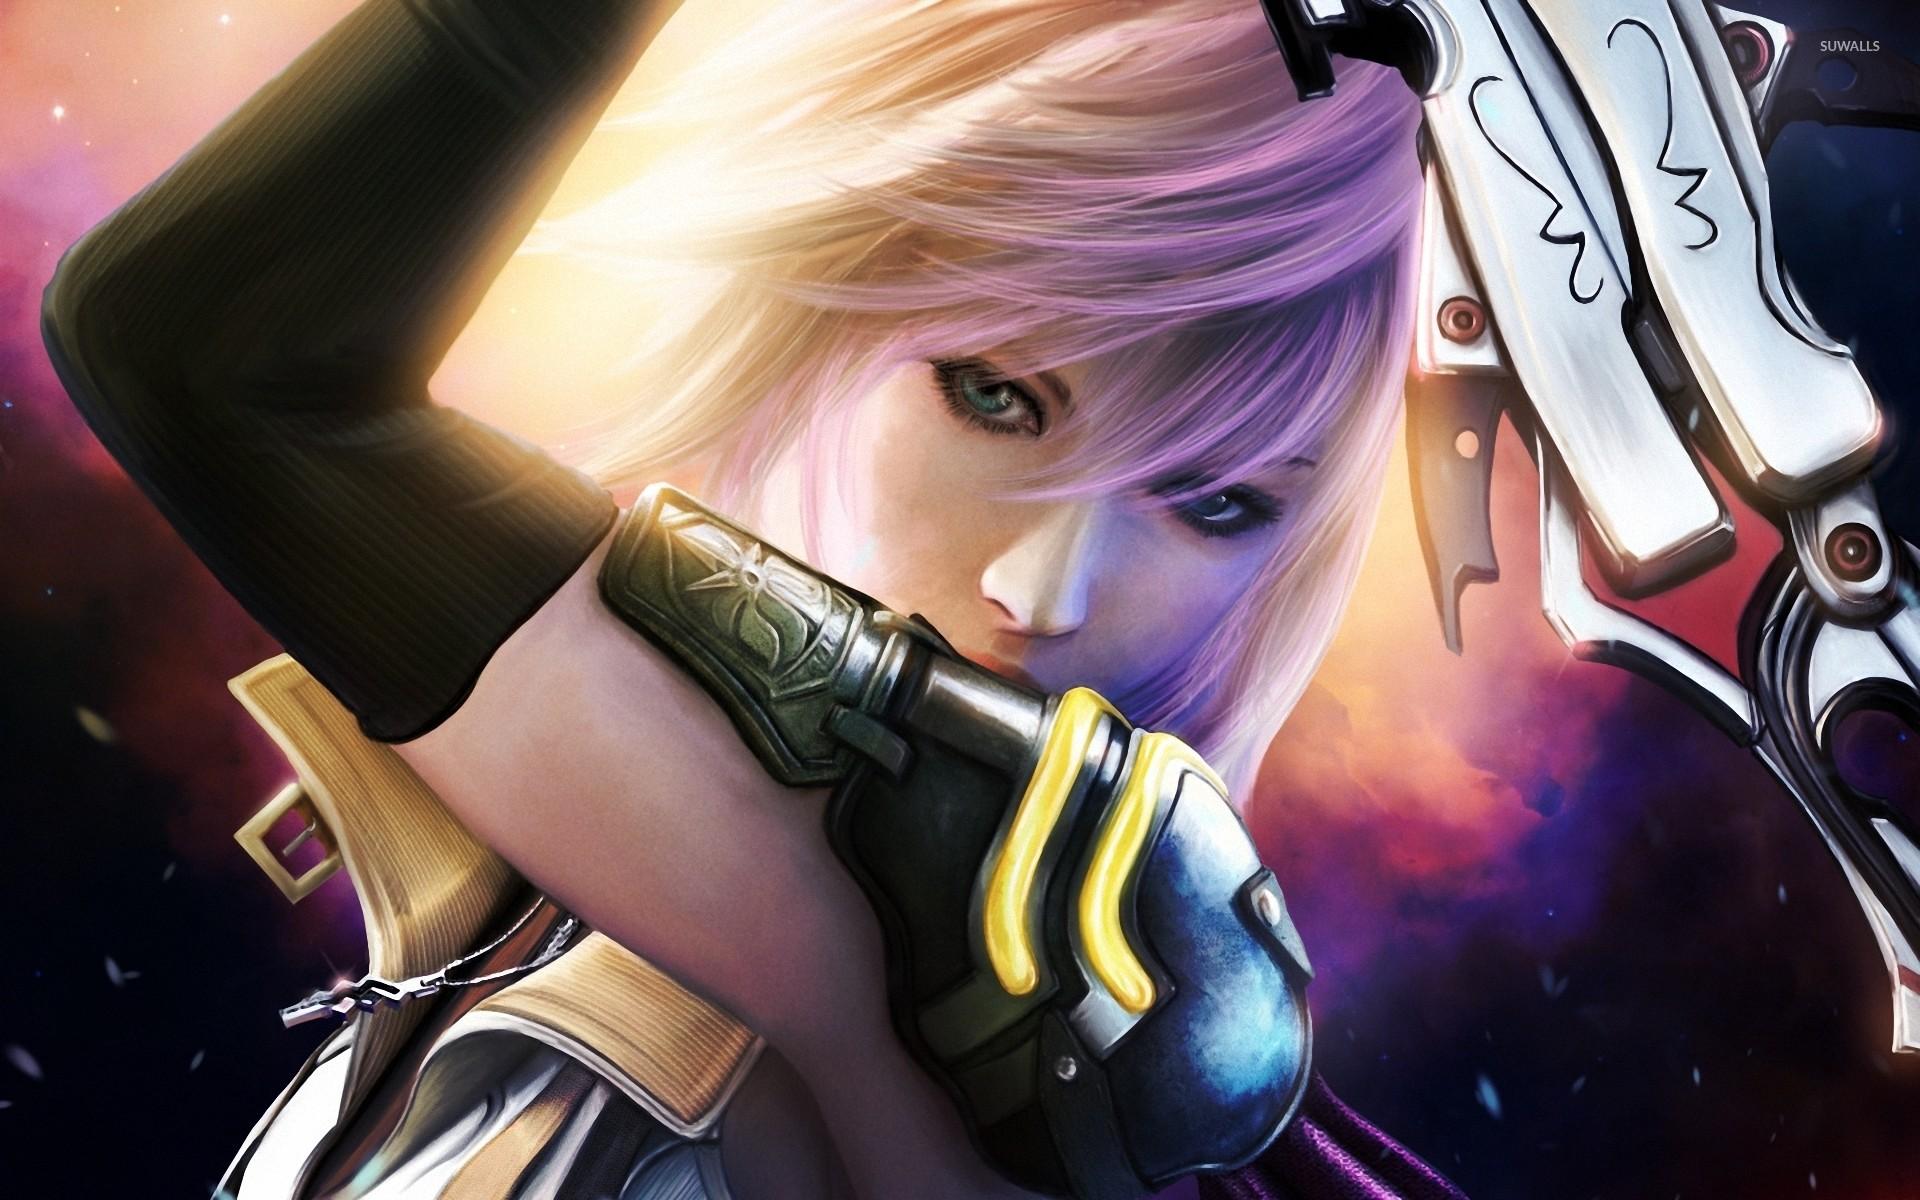 Lightning – Final Fantasy XIII-2 [3] wallpaper jpg